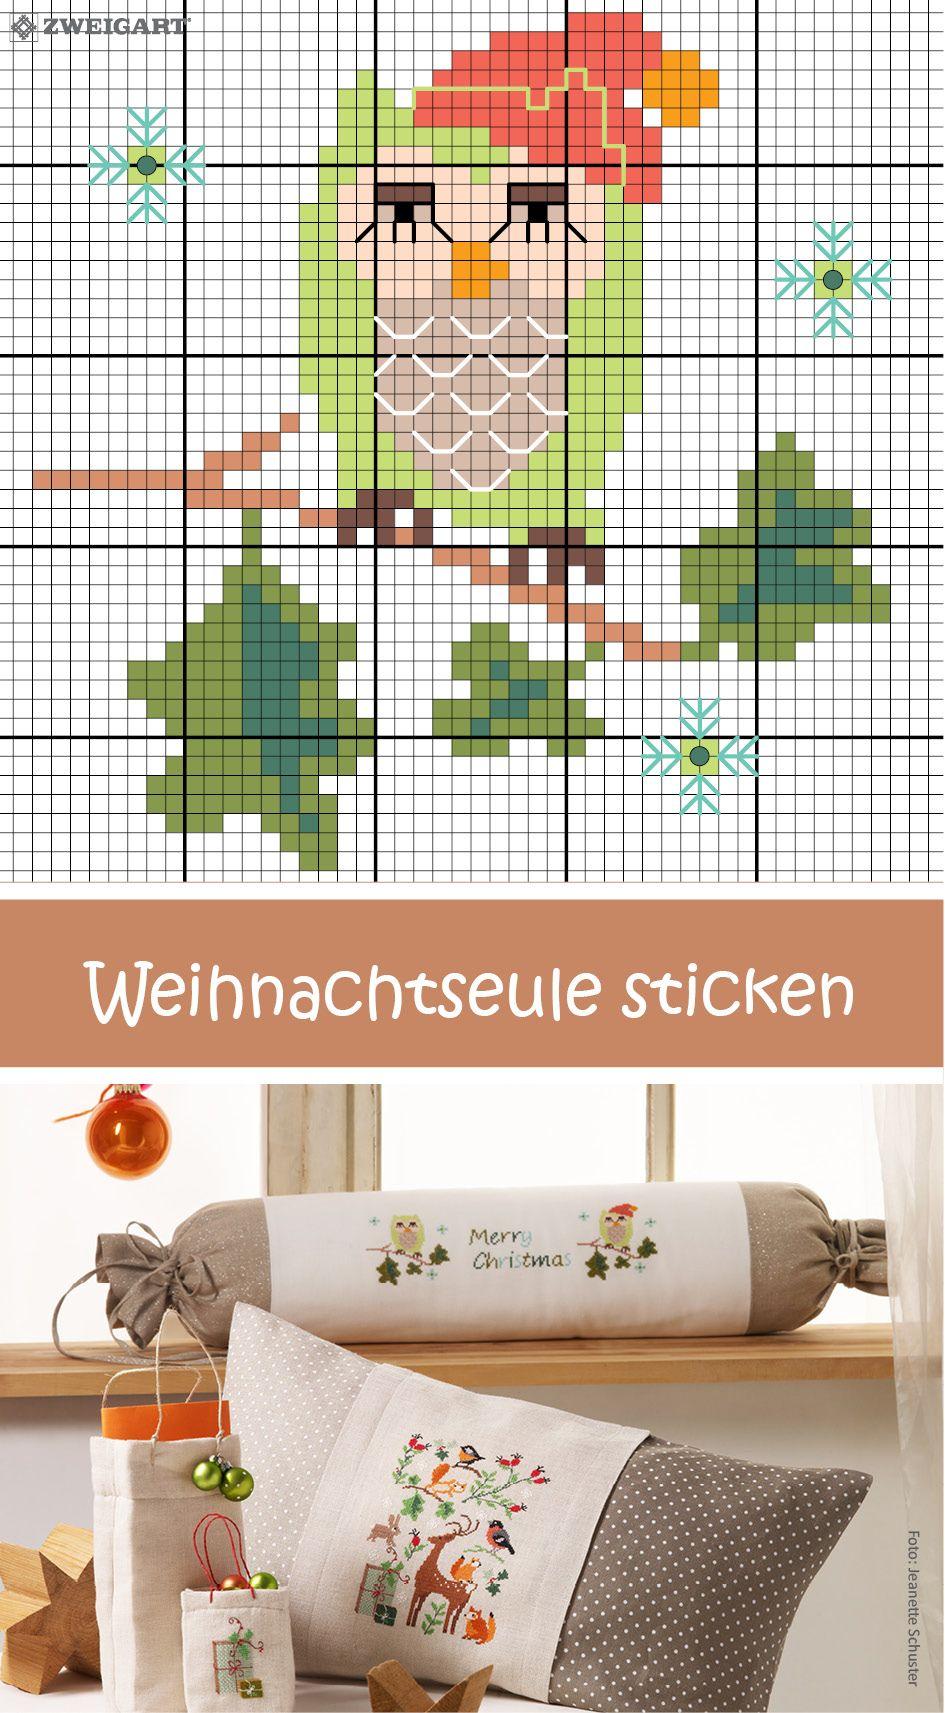 Windschutz mit Weihnachtseule sticken #Sticken #Kreuzstich ...